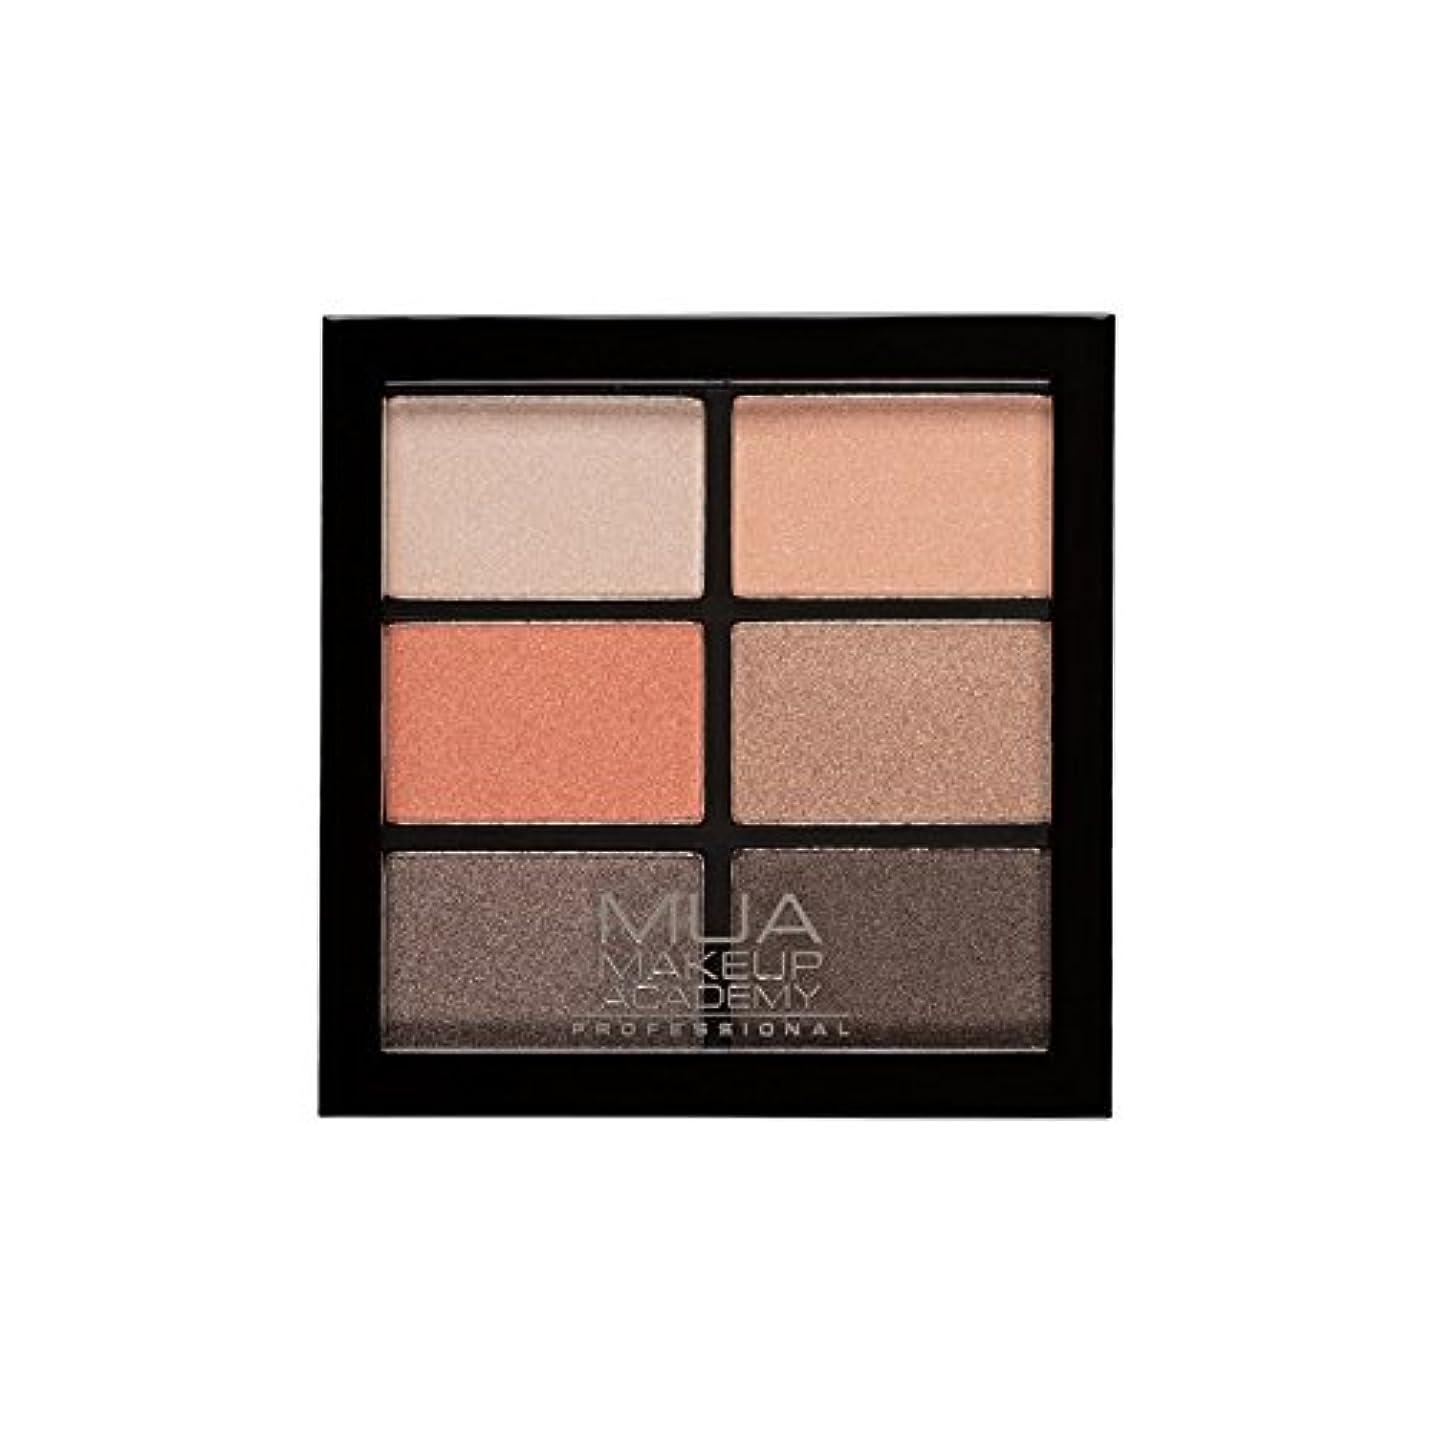 ポジション怒っているお願いしますMUA Professional 6 Shade Palette Coral Delights (Pack of 6) - プロ6日陰パレットサンゴ料理 x6 [並行輸入品]